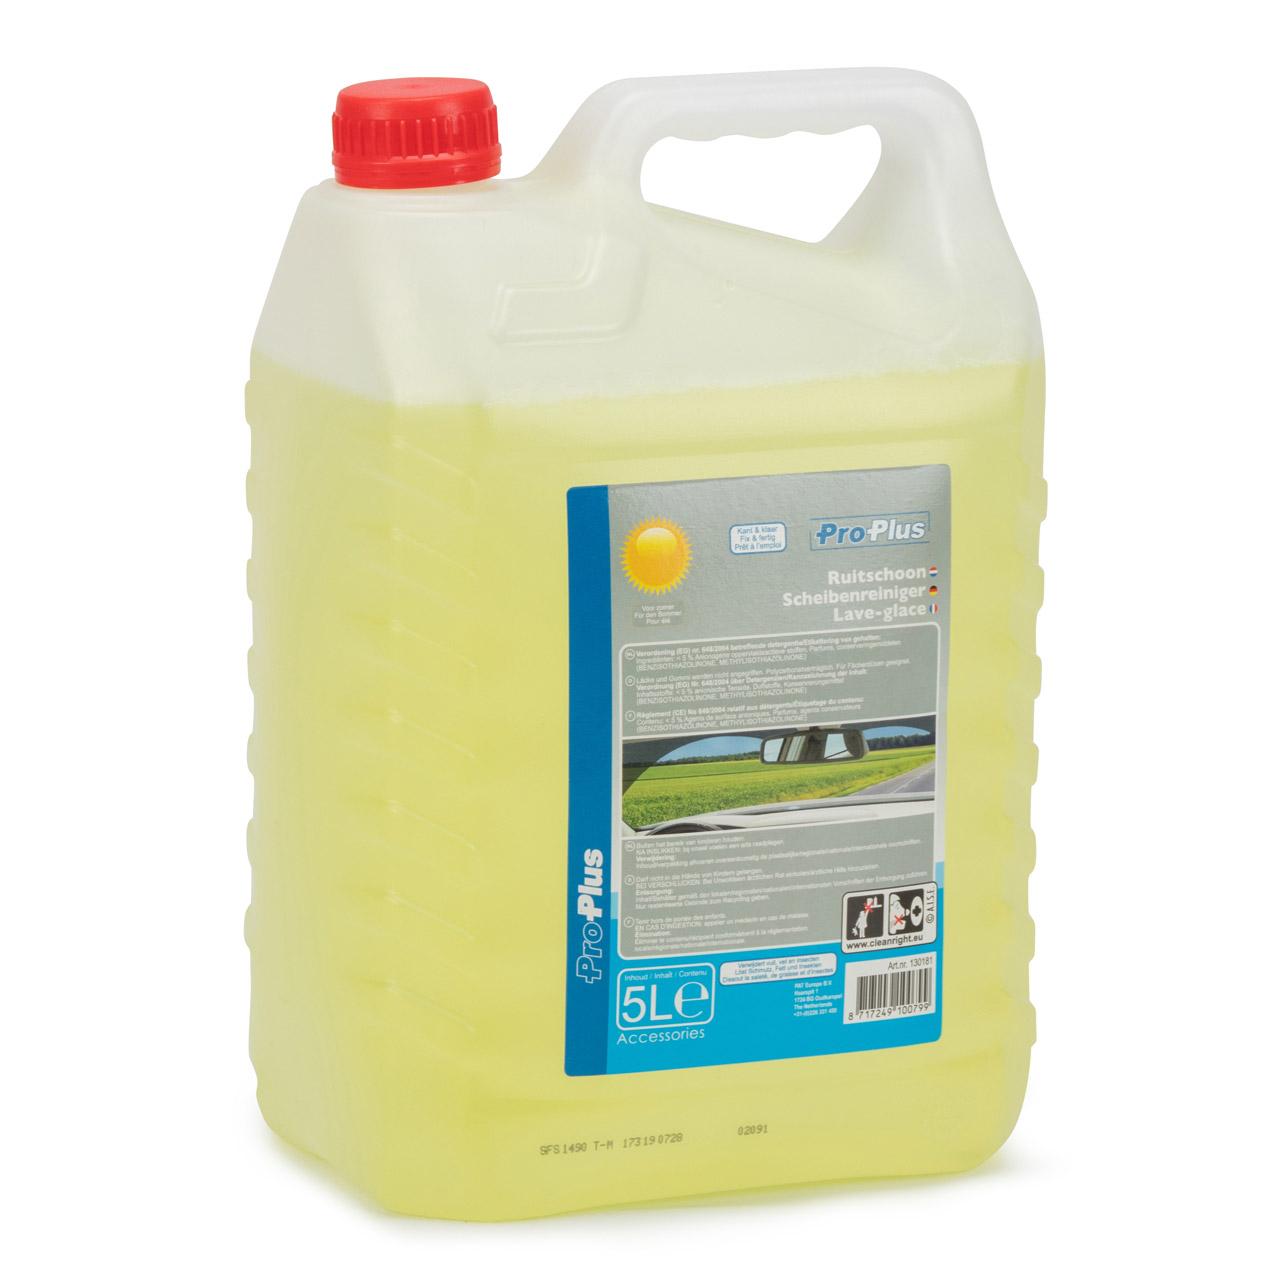 PROPLUS 130181 Scheibenreiniger Scheibenwischwasser Sommer Fertigmix 5 Liter